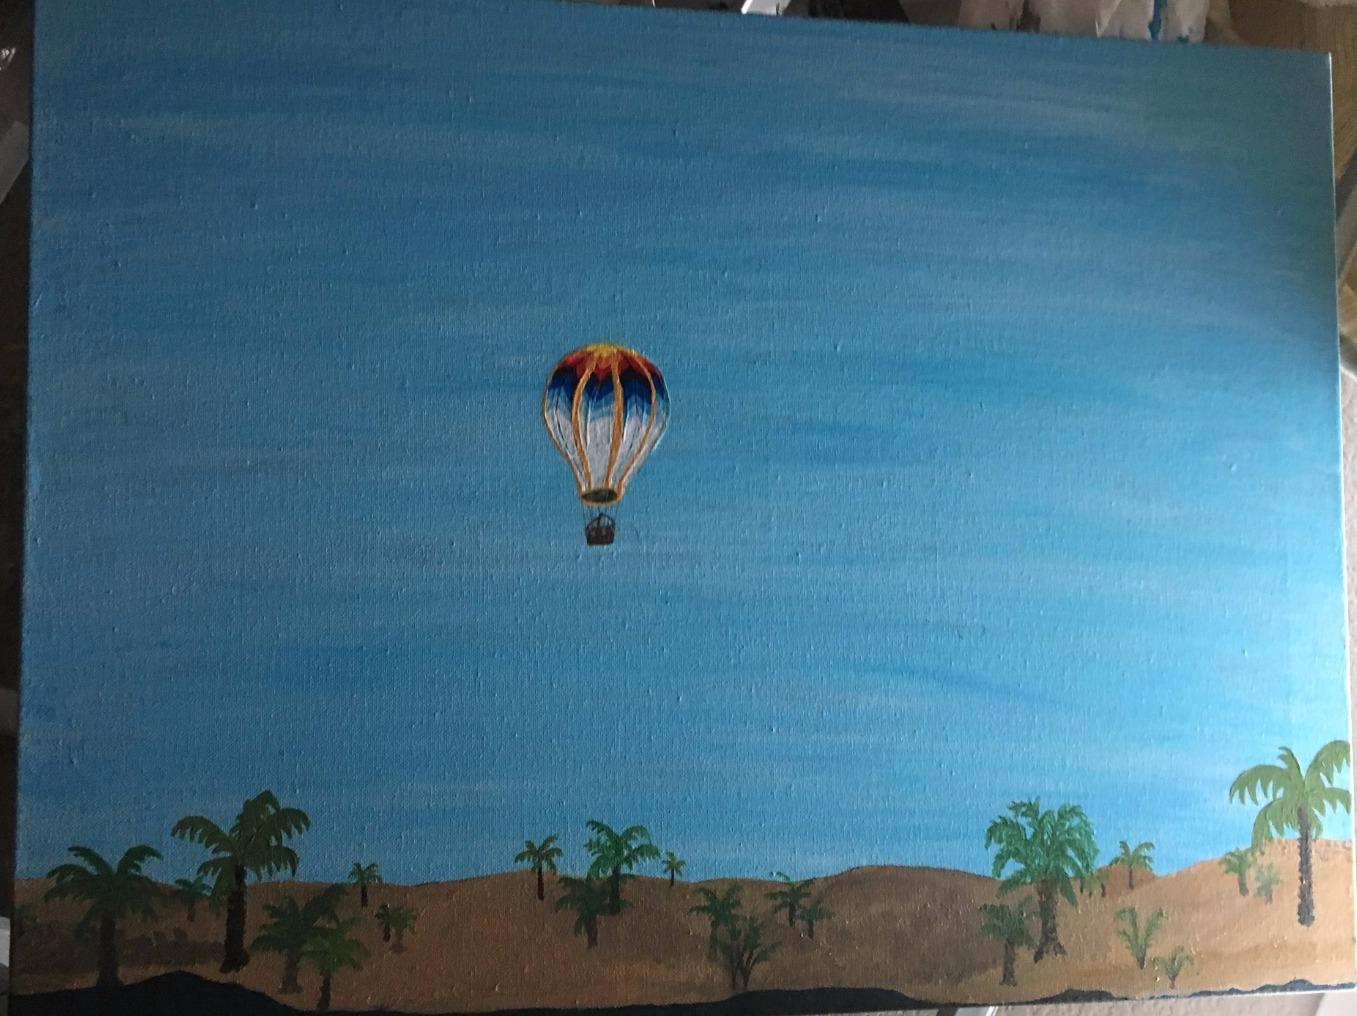 Egypt/Nile river Air balloon